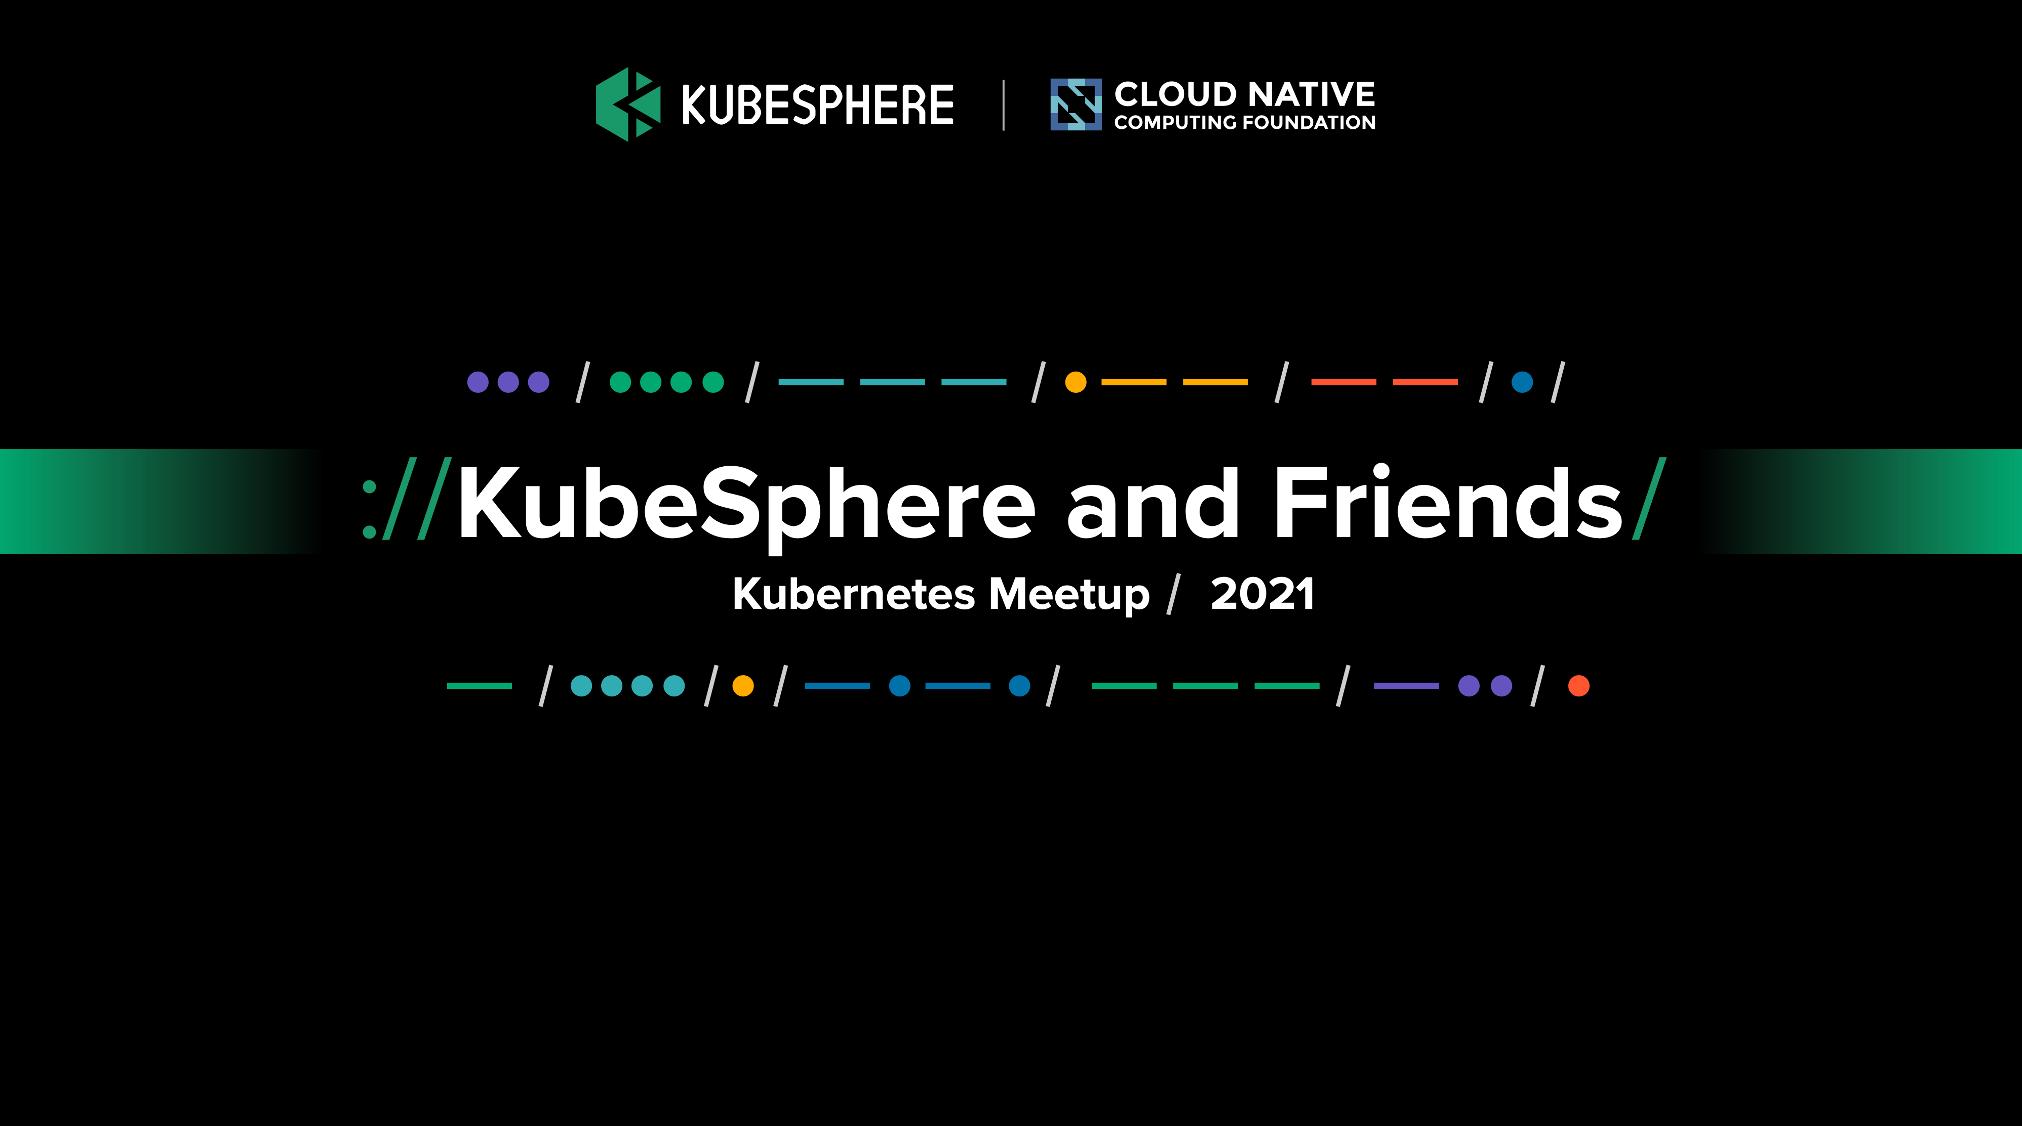 运营商业务系统基于 KubeSphere 的容器化实践